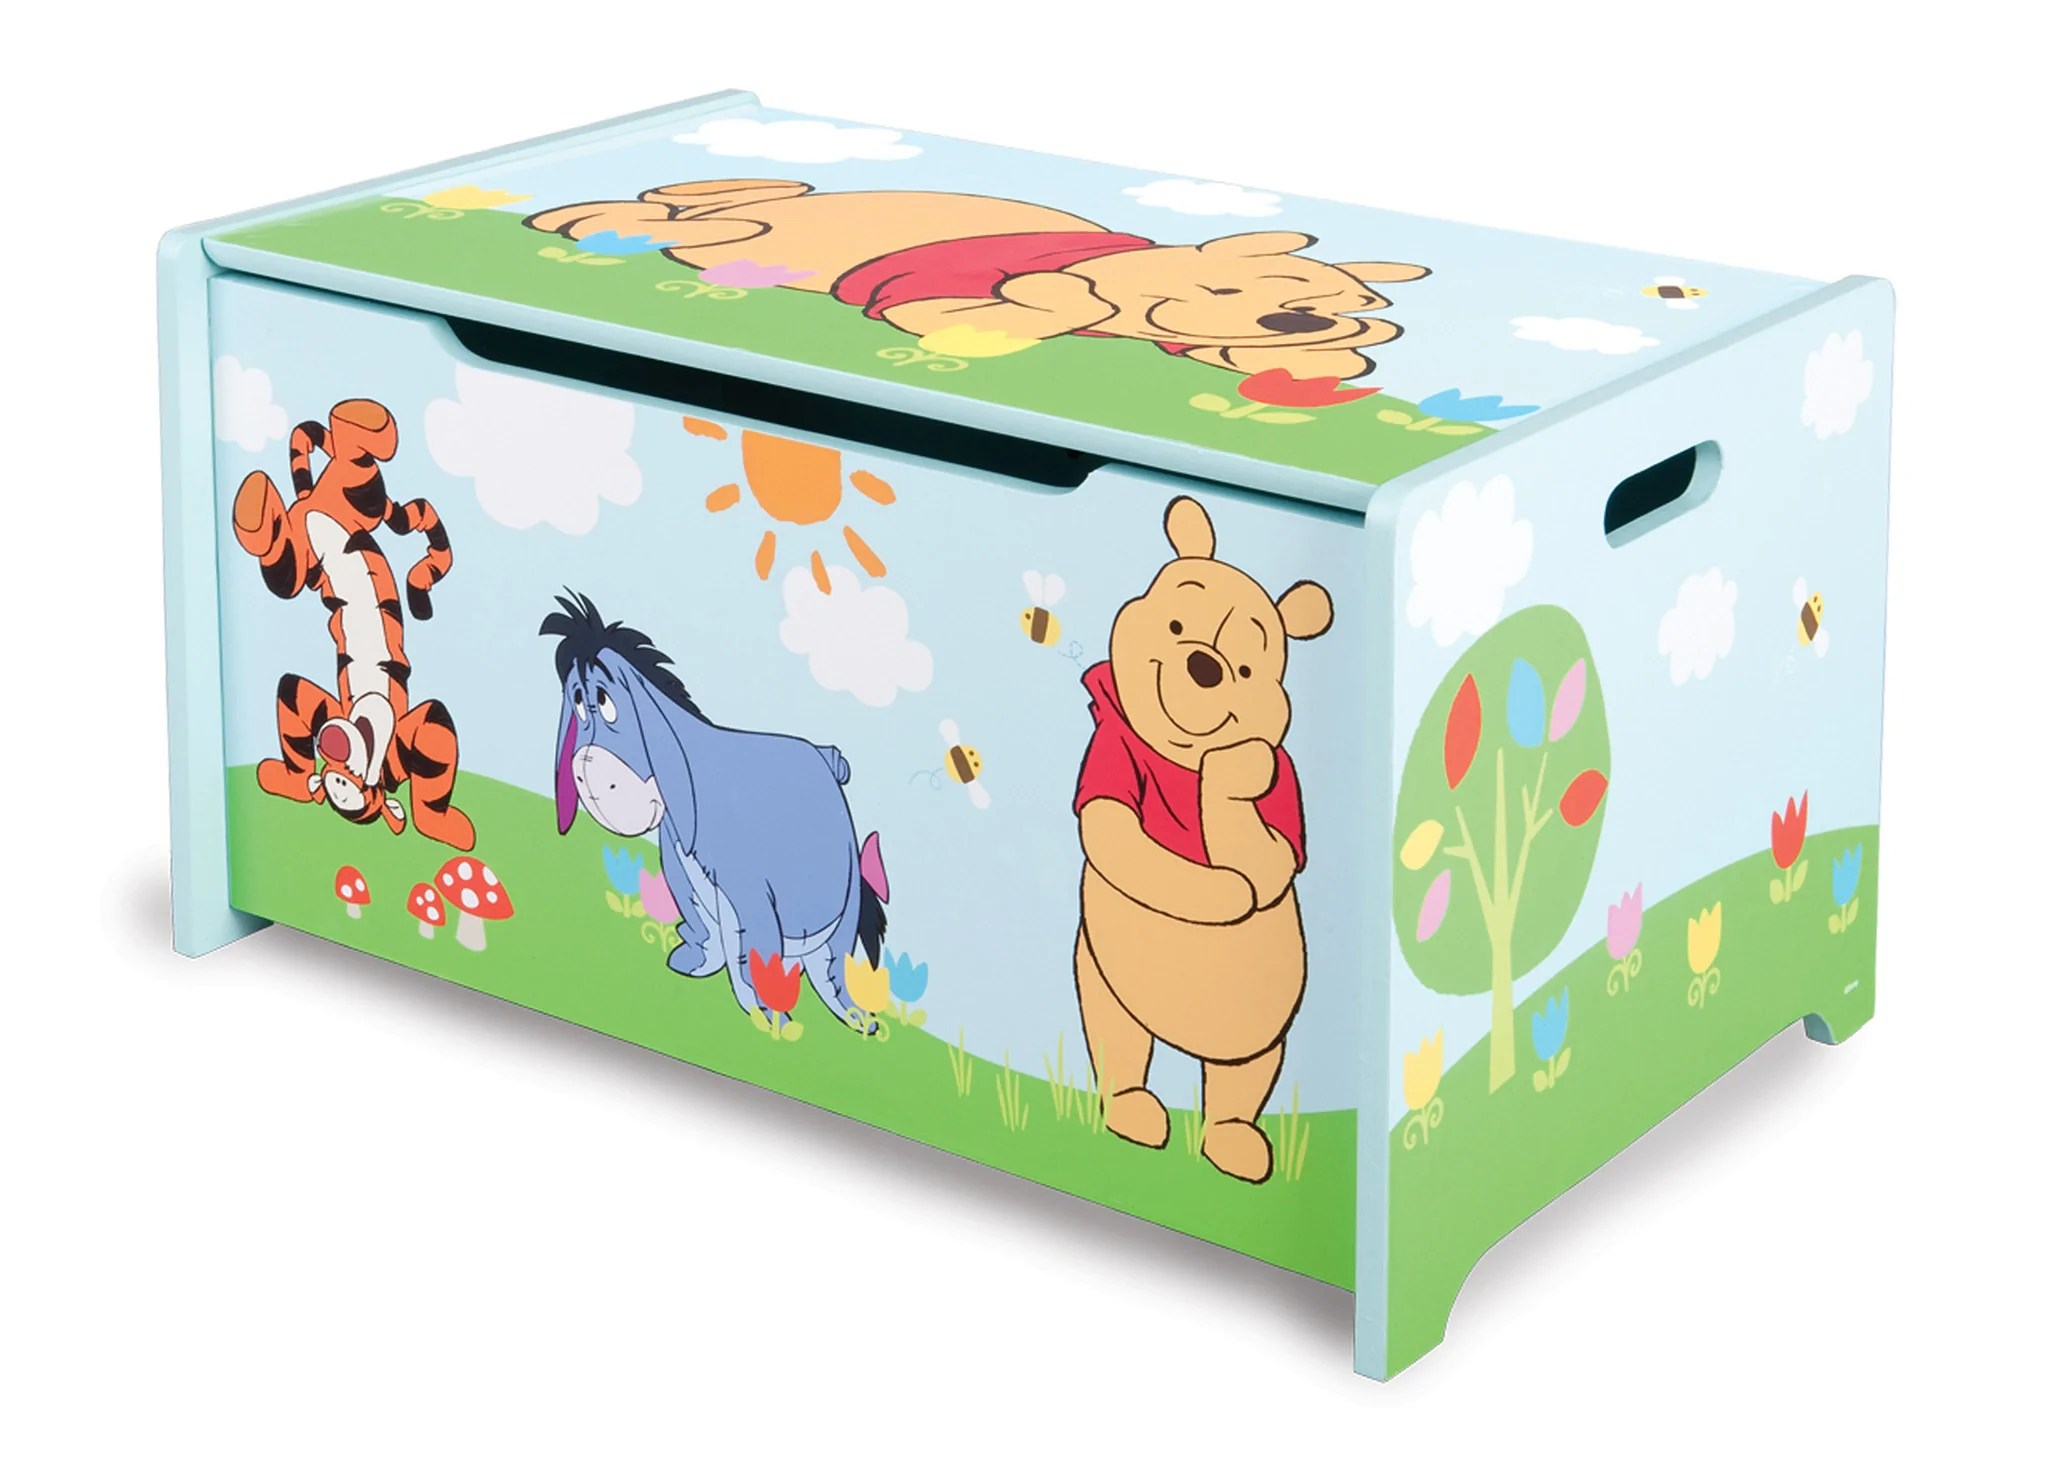 Winnie The Pooh Wooden Toy Box Delta Children Eu Pim